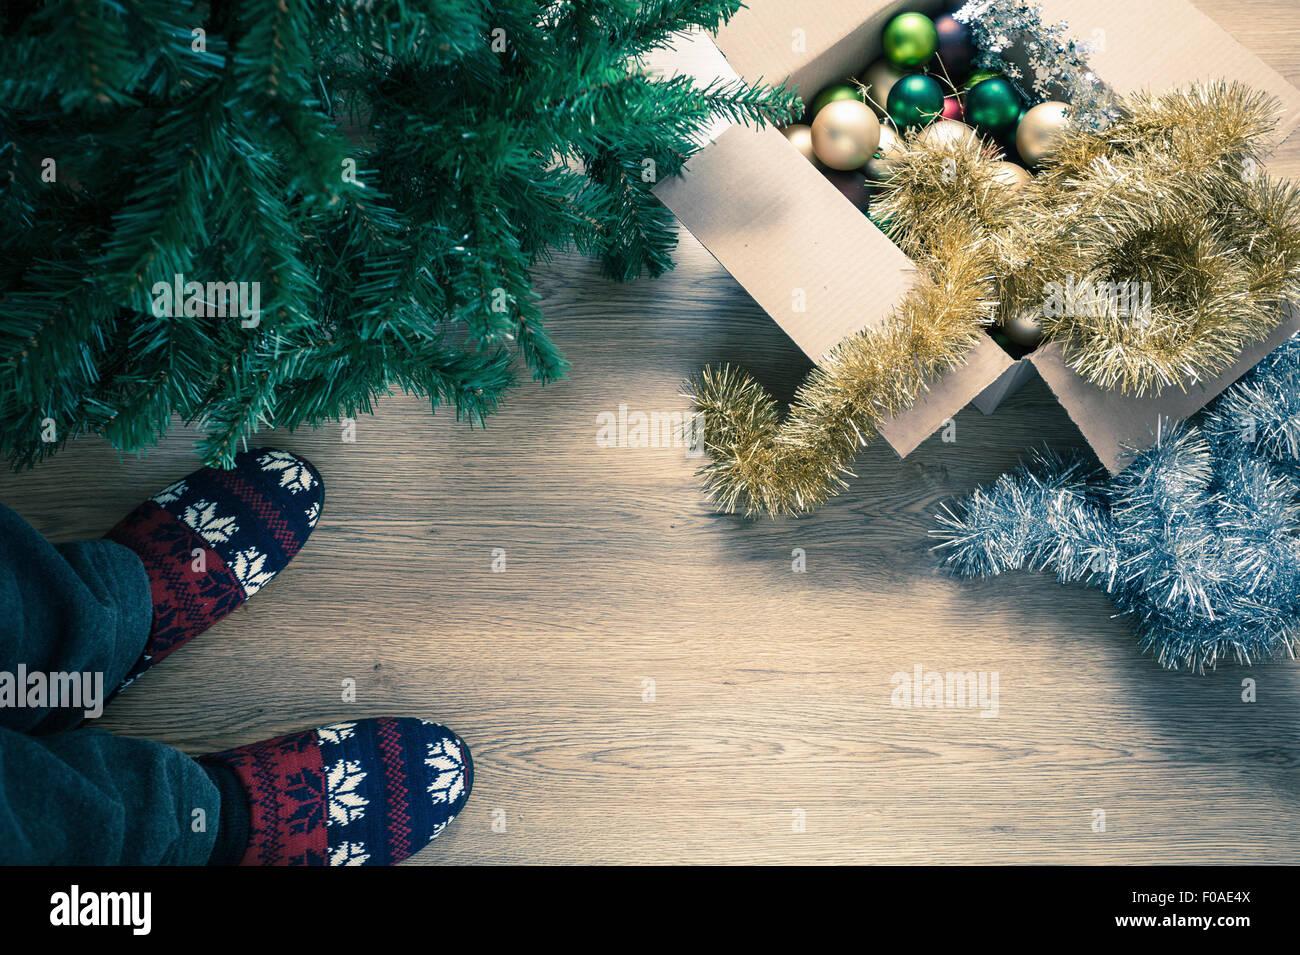 Beydodo Weihnachtsschmuck Leuchtender Kette Anhänger Tropfen Blume.